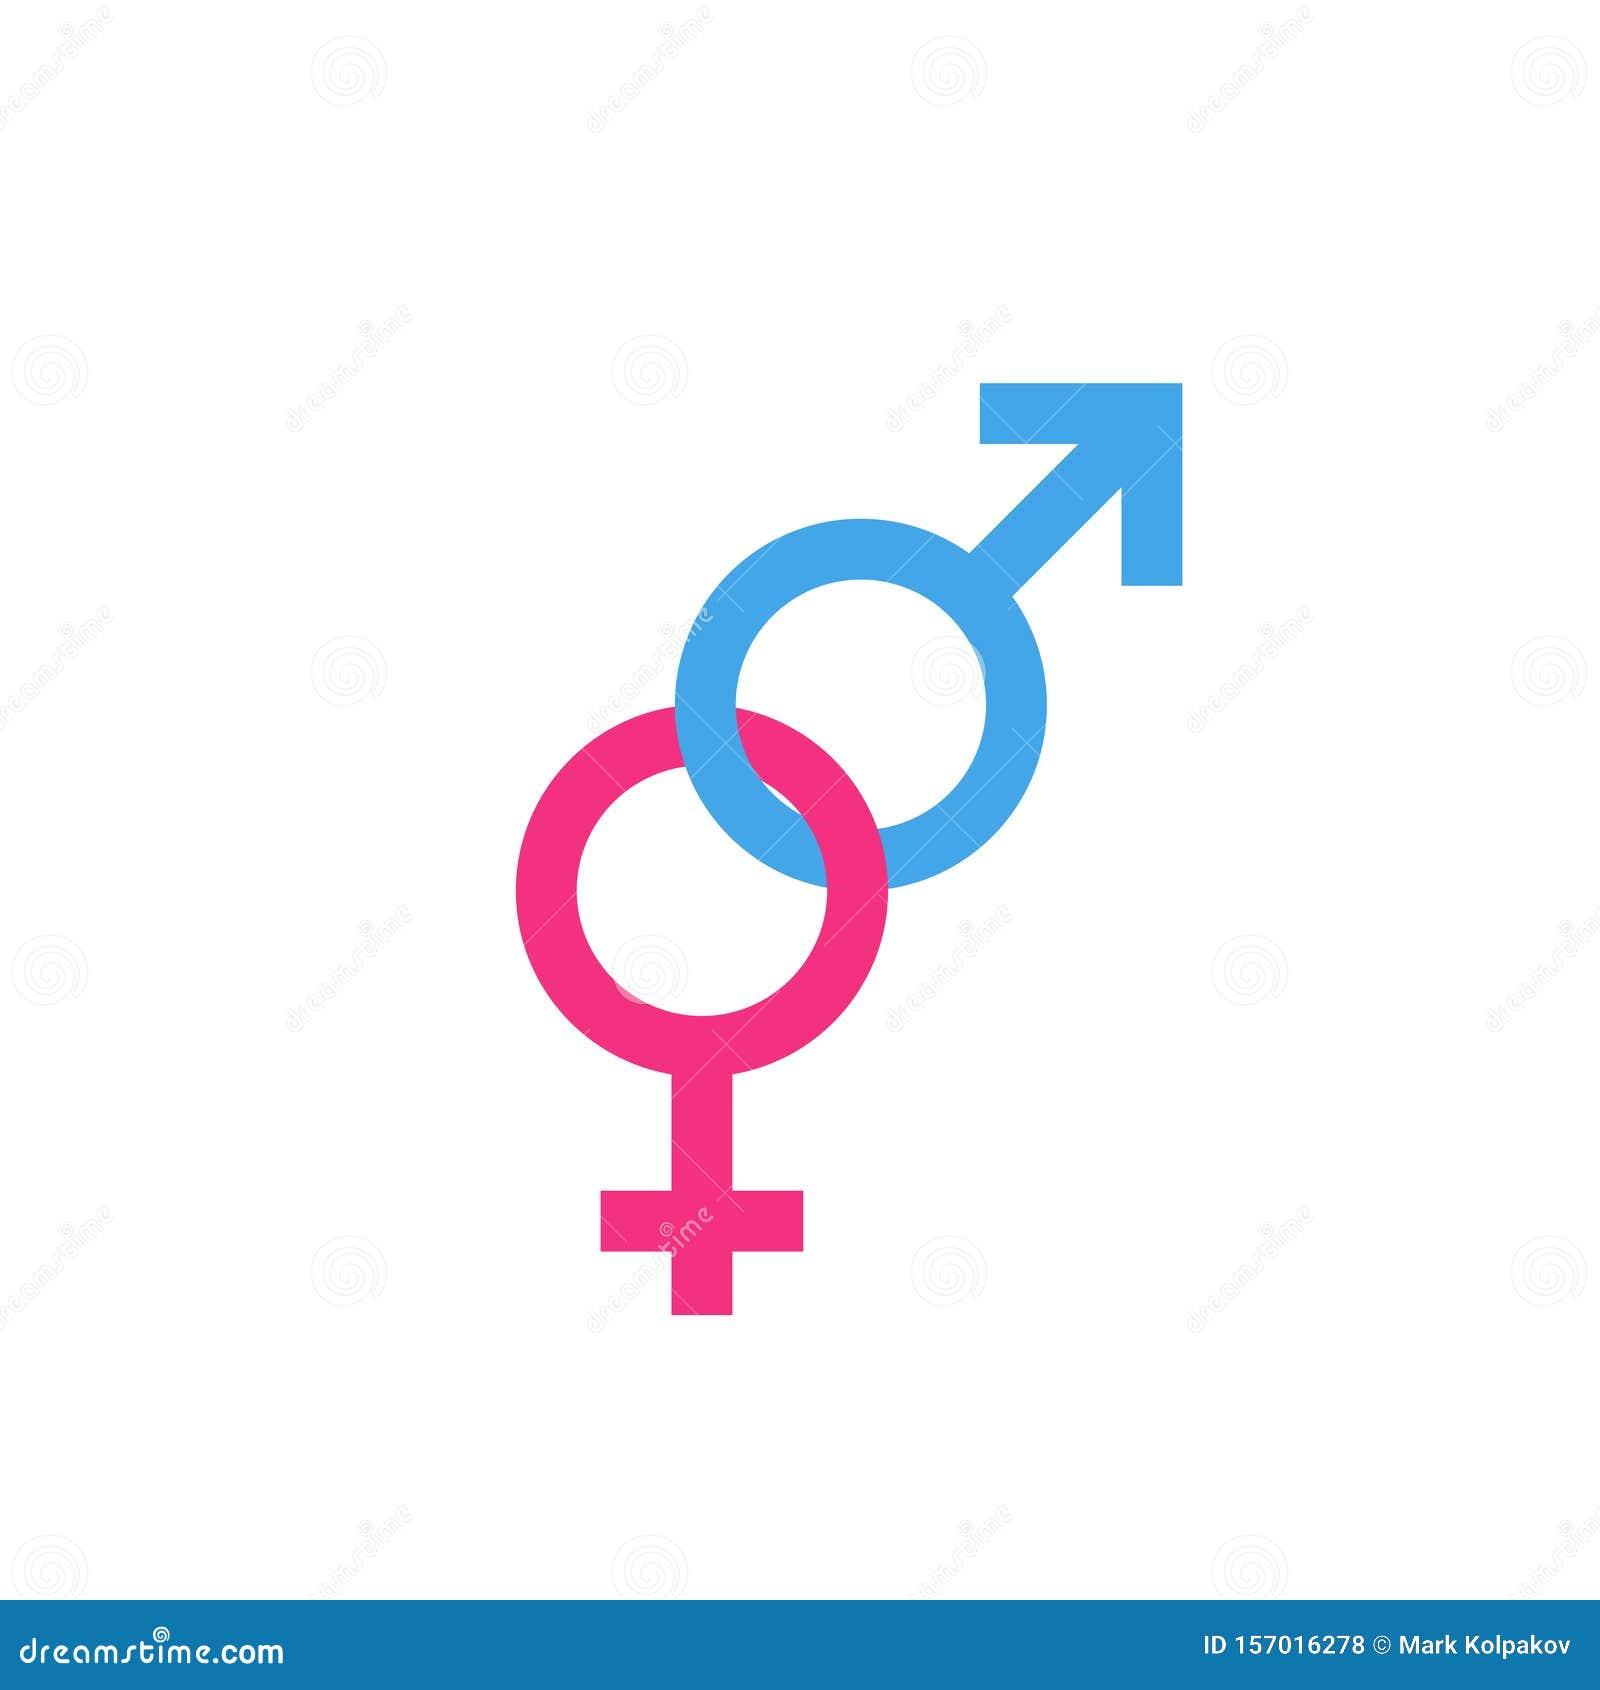 Geschlechtsspezifische Symbole Für Mann Und Frau Vektor